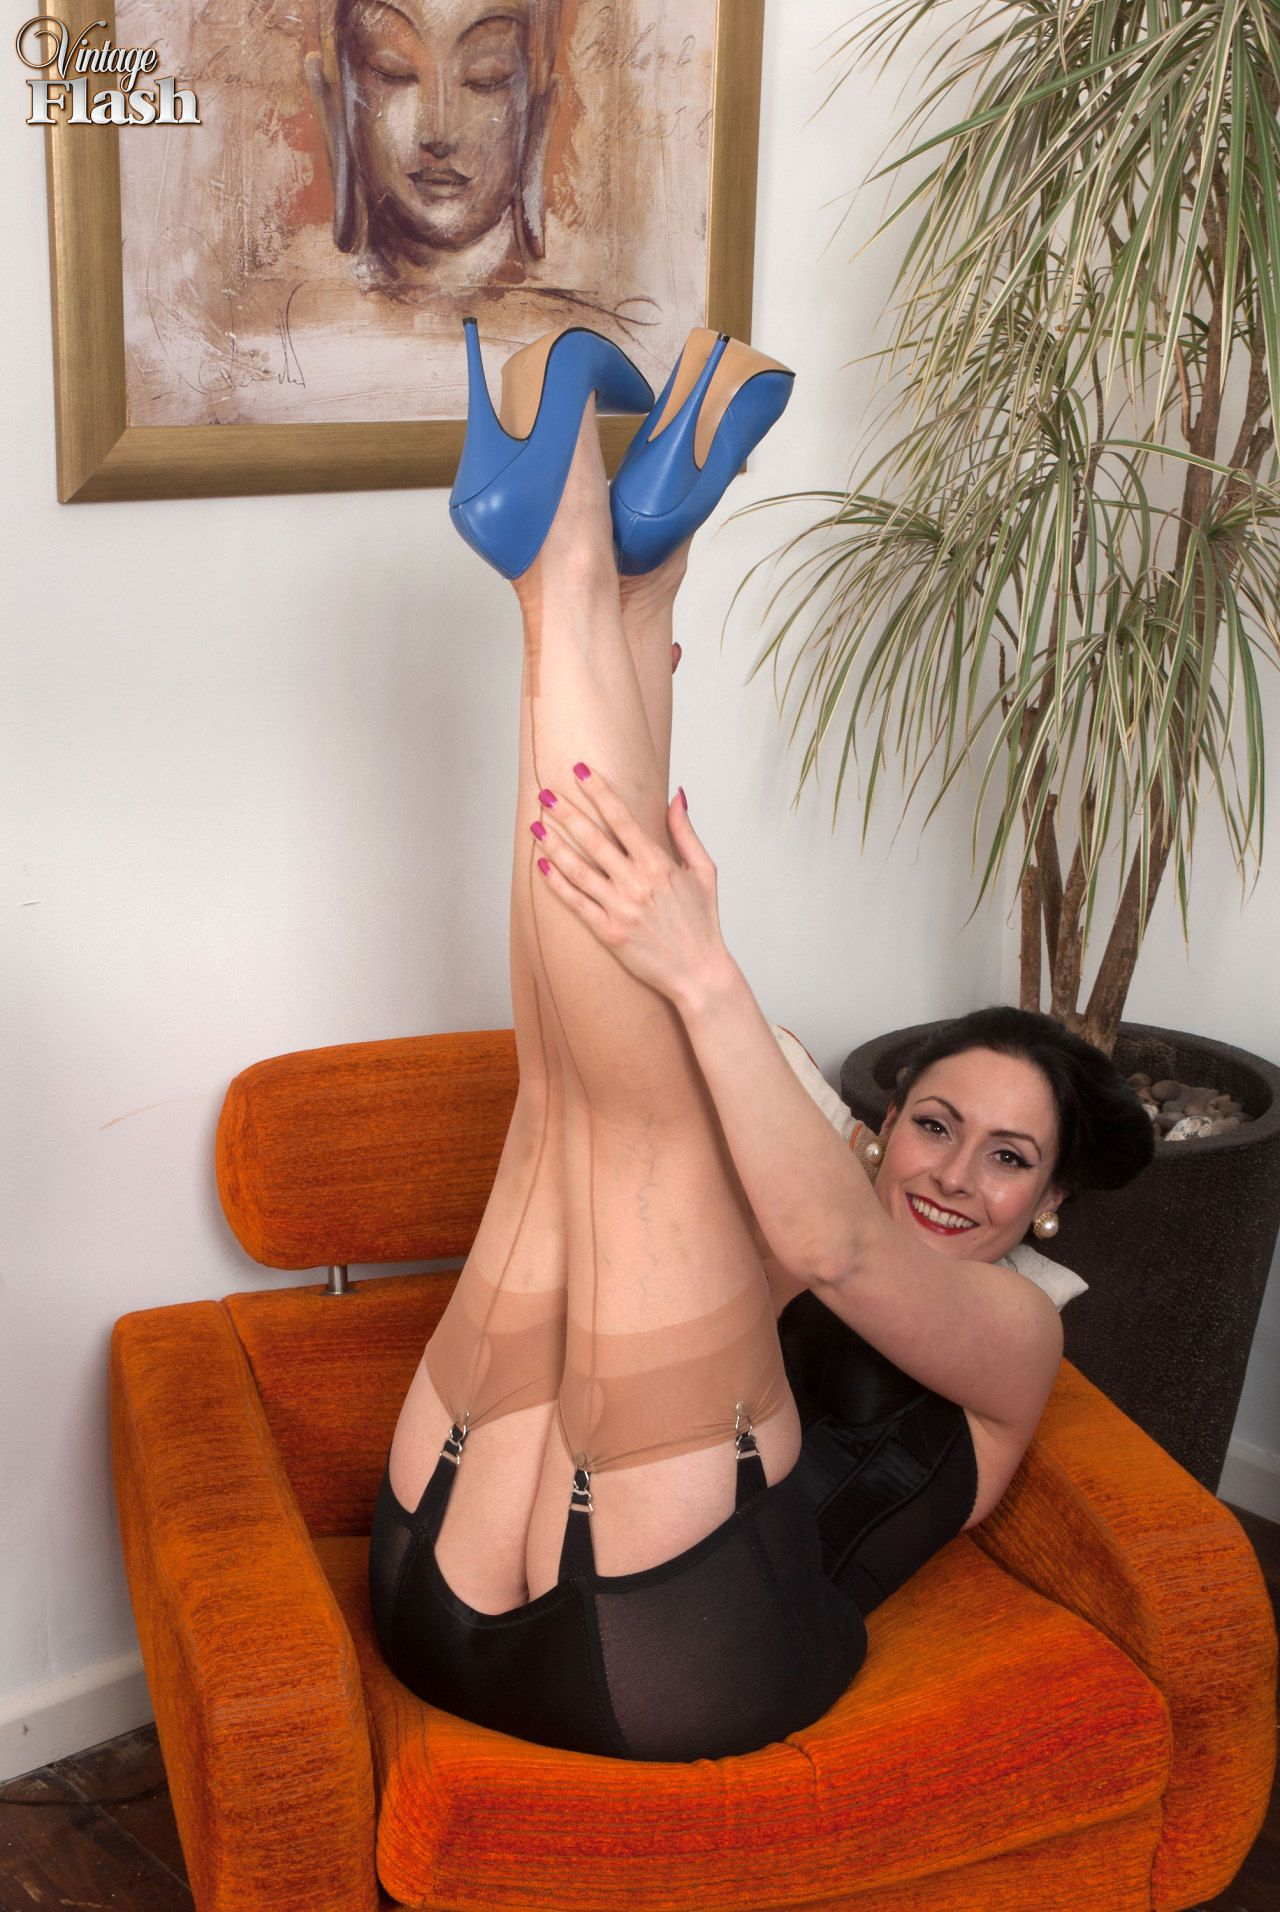 flash vintage Sophia girdles delane